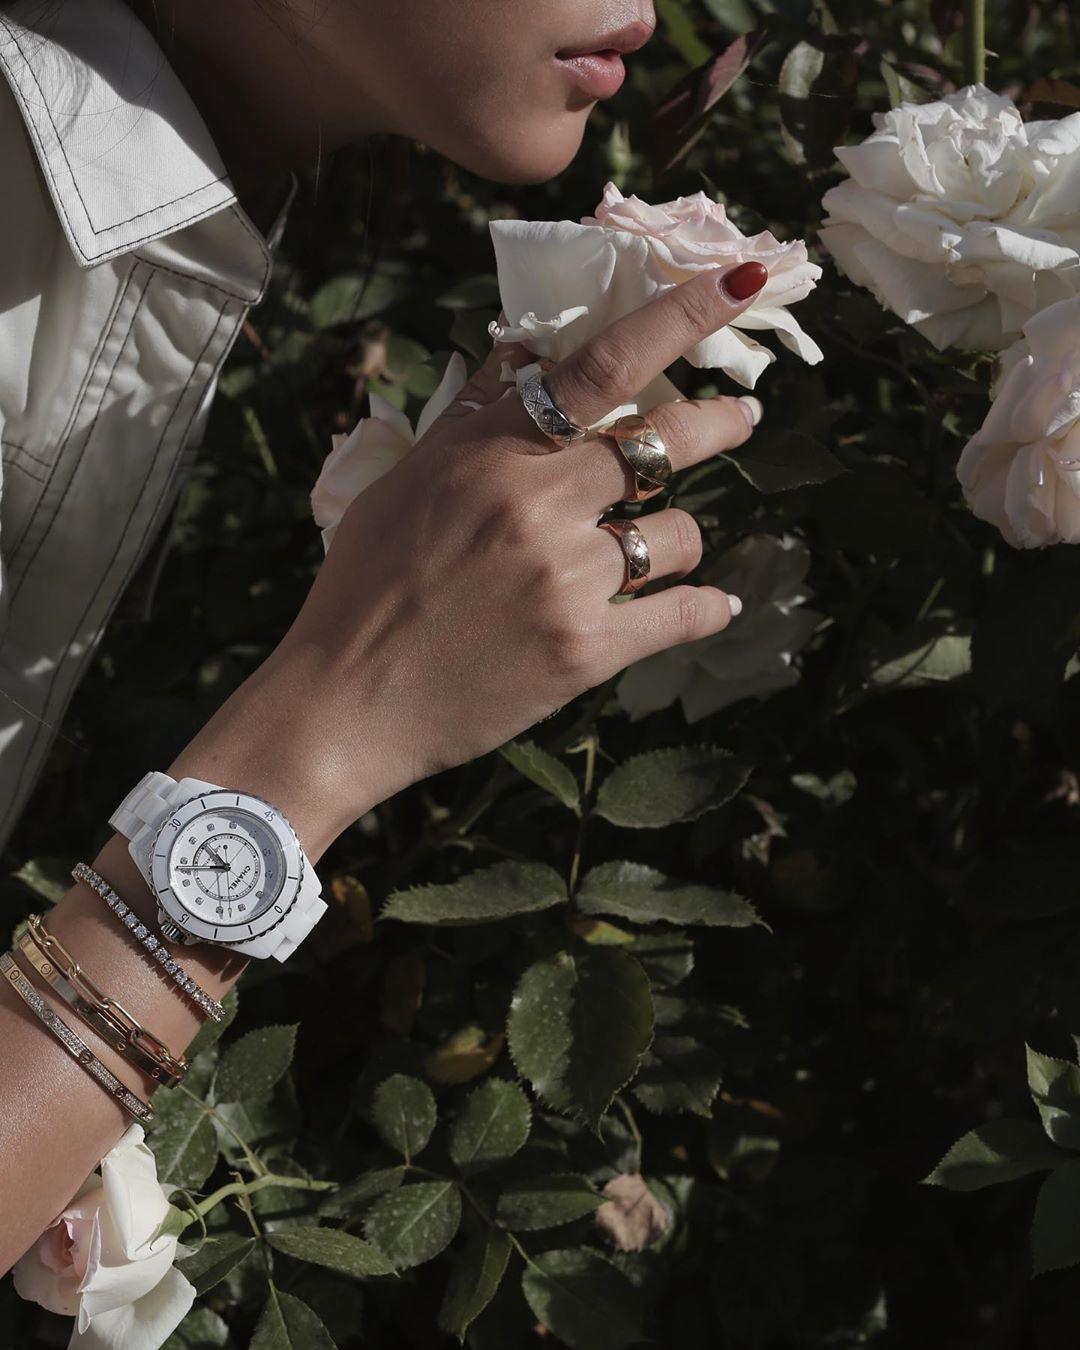 Thời trang cung Song Tử - bộ sưu tập trang sức gồm vòng đeo tay, đồng hồ và nhẫn